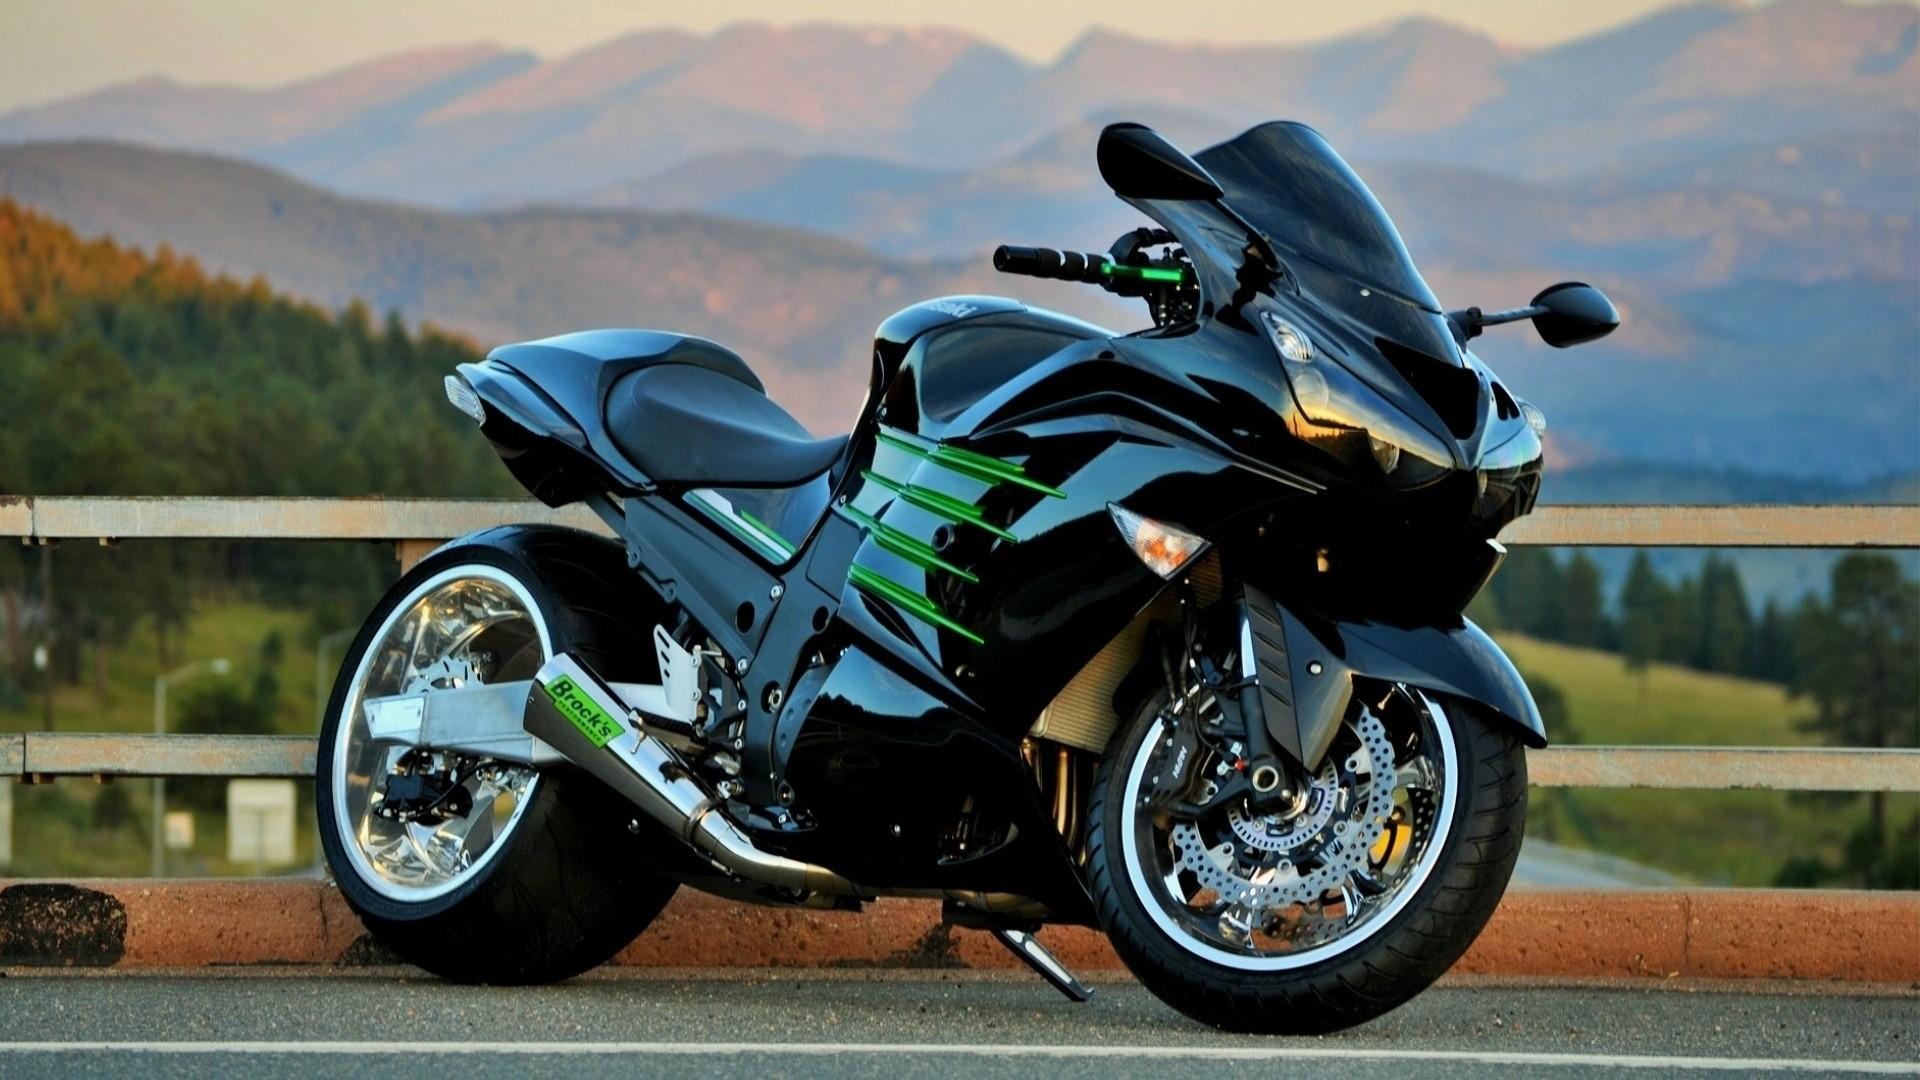 Kawasaki High Definition